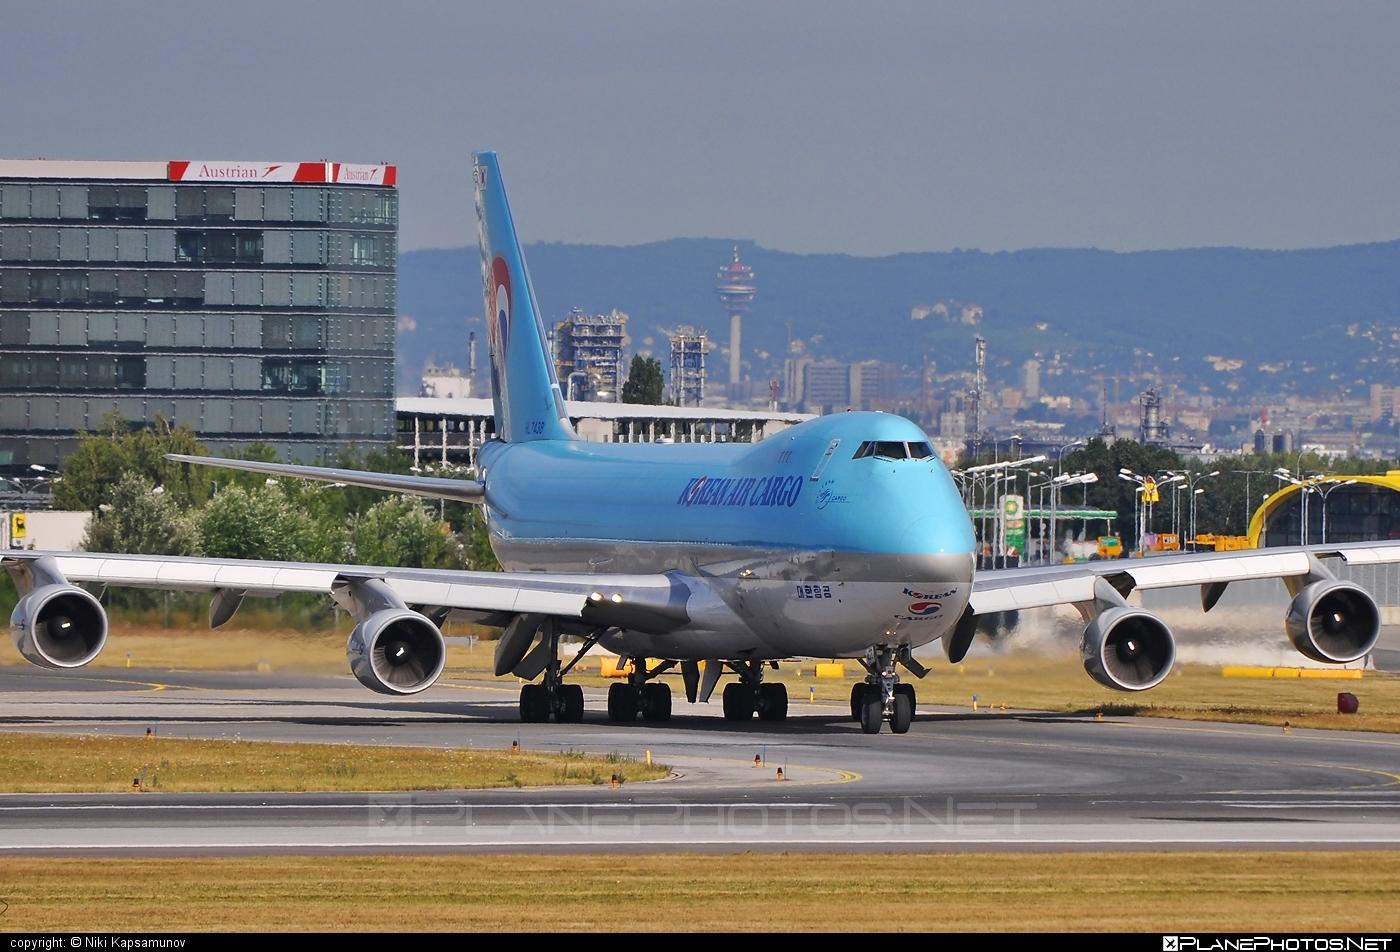 Boeing 747-400ERF - HL7438 operated by Korean Air Cargo #b747 #b747erf #b747freighter #boeing #boeing747 #jumbo #koreanair #koreanaircargo